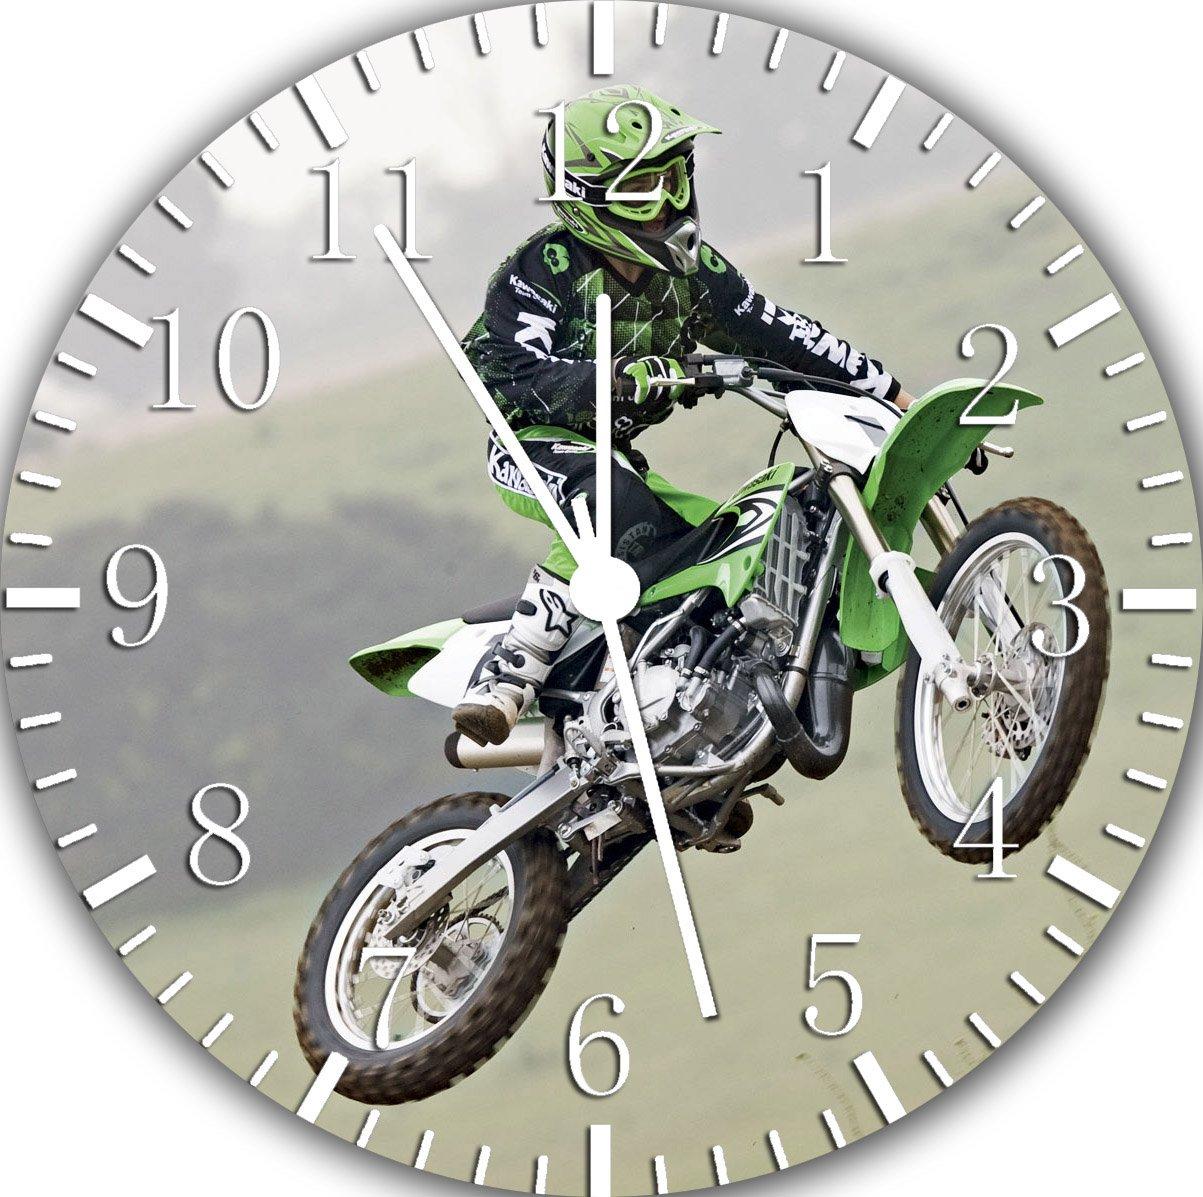 Motor Cross Frameless Borderless Wall Clock W394 Nice For Gift or Room Wall Decor